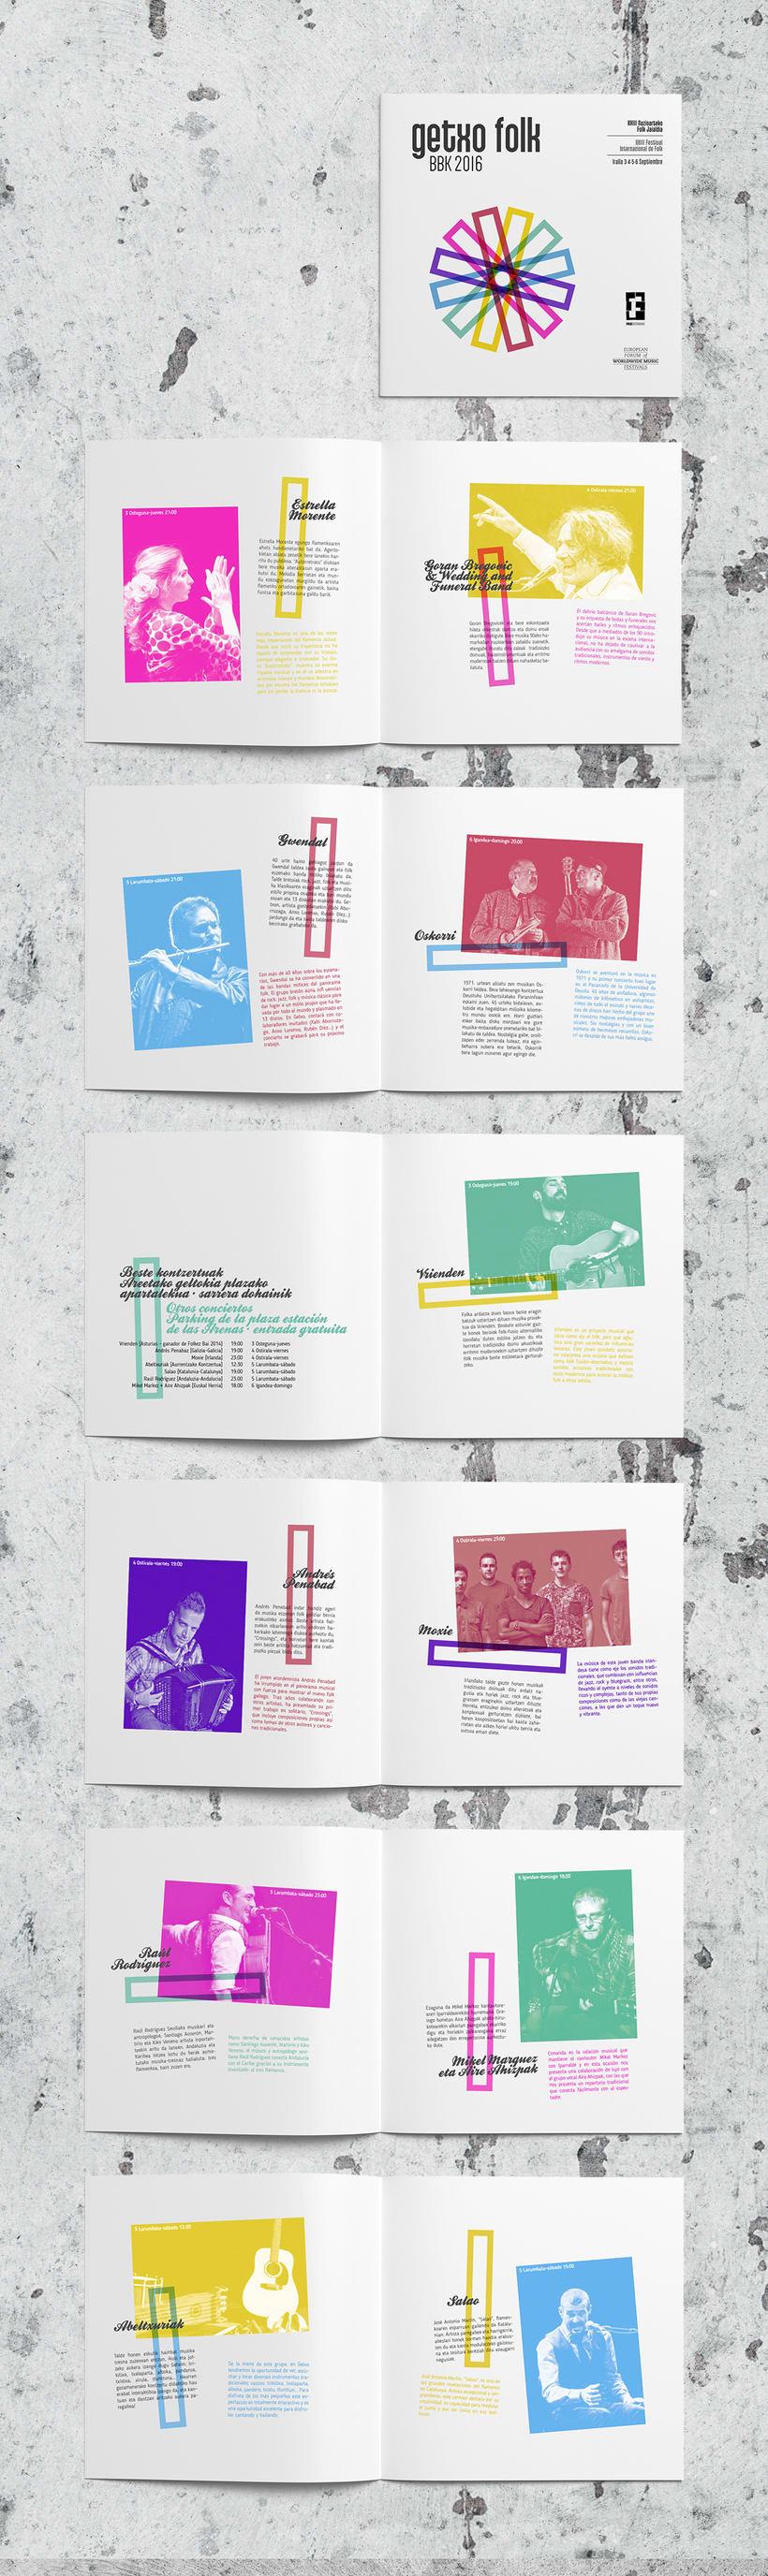 Catálogo Getxo Folk 3